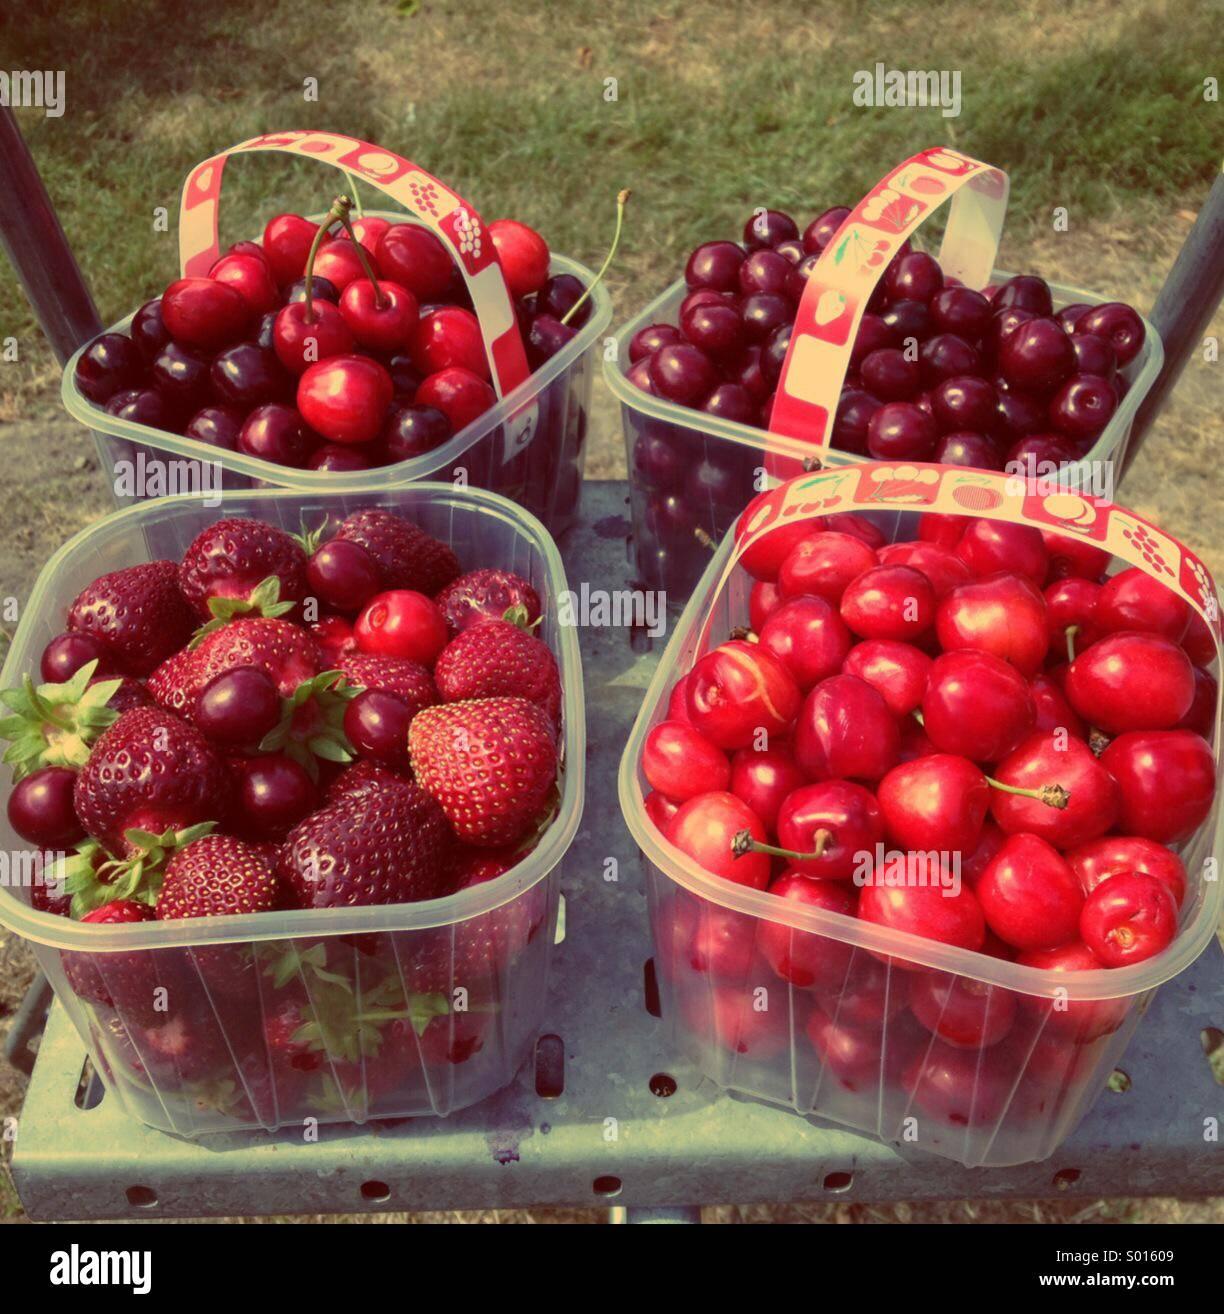 summer-harvest-S01609.jpg